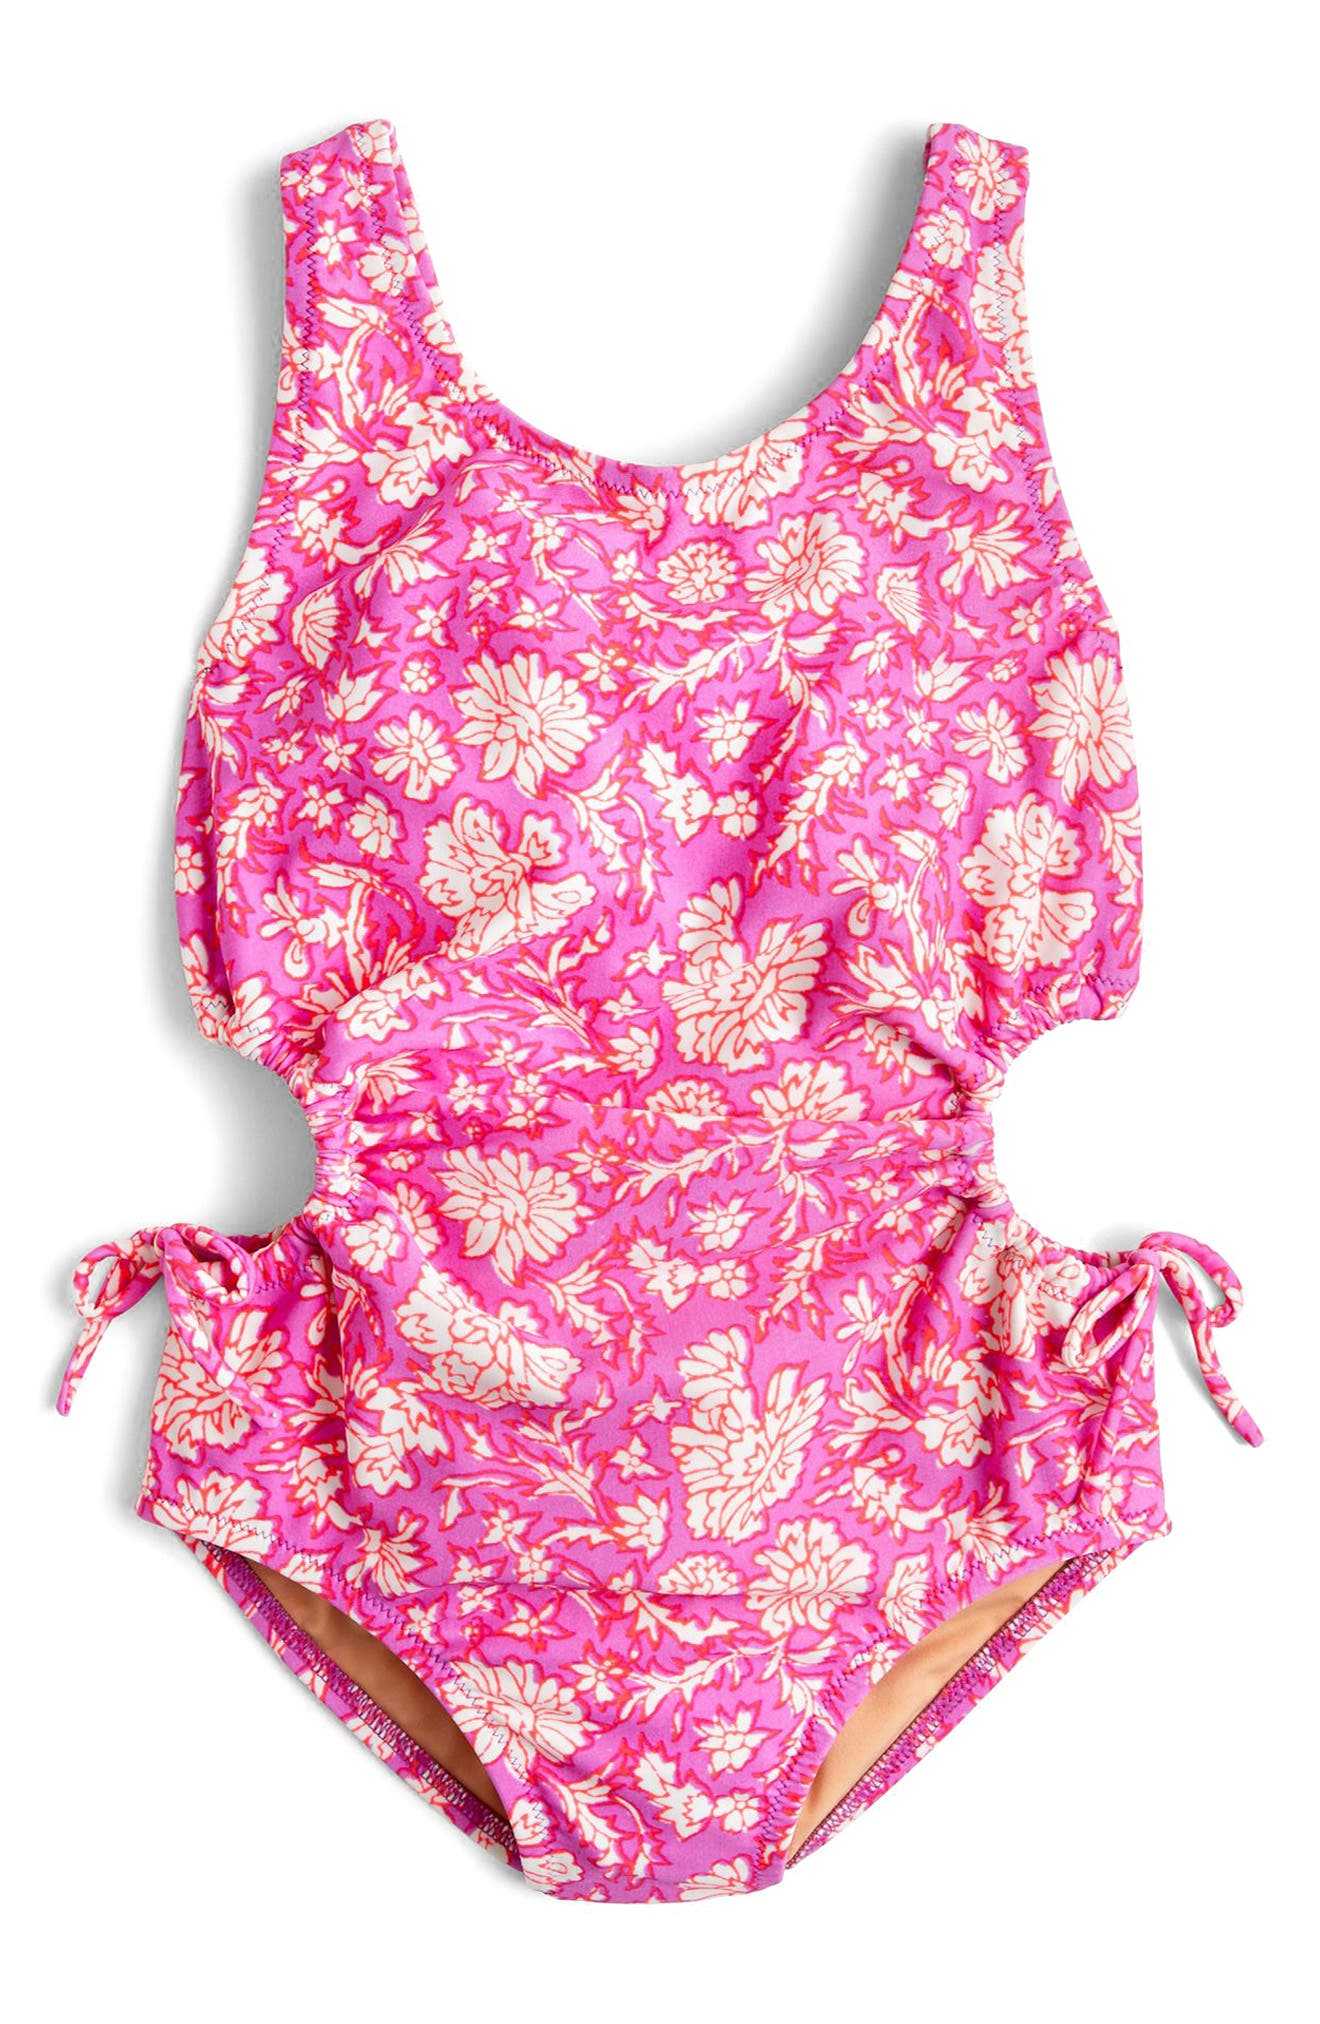 SZ Blockprints<sup>™</sup> Floral One-Piece Swimsuit,                             Main thumbnail 1, color,                             Ivory Lavender Multi